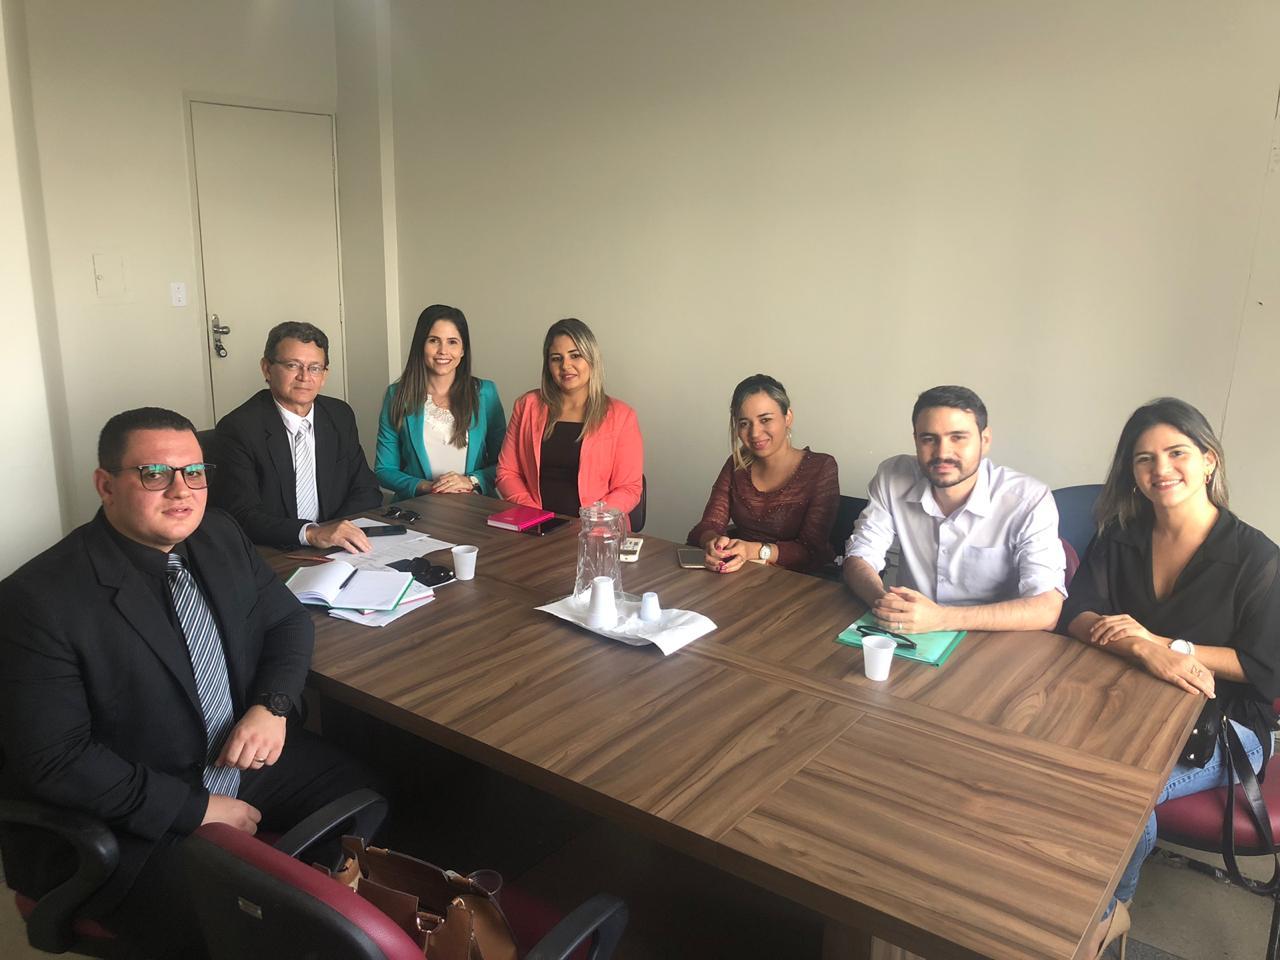 Comissão da OAB-PB se reúne e debate organização do III Fórum de Debates sobre os Juizados Especiais Cíveis